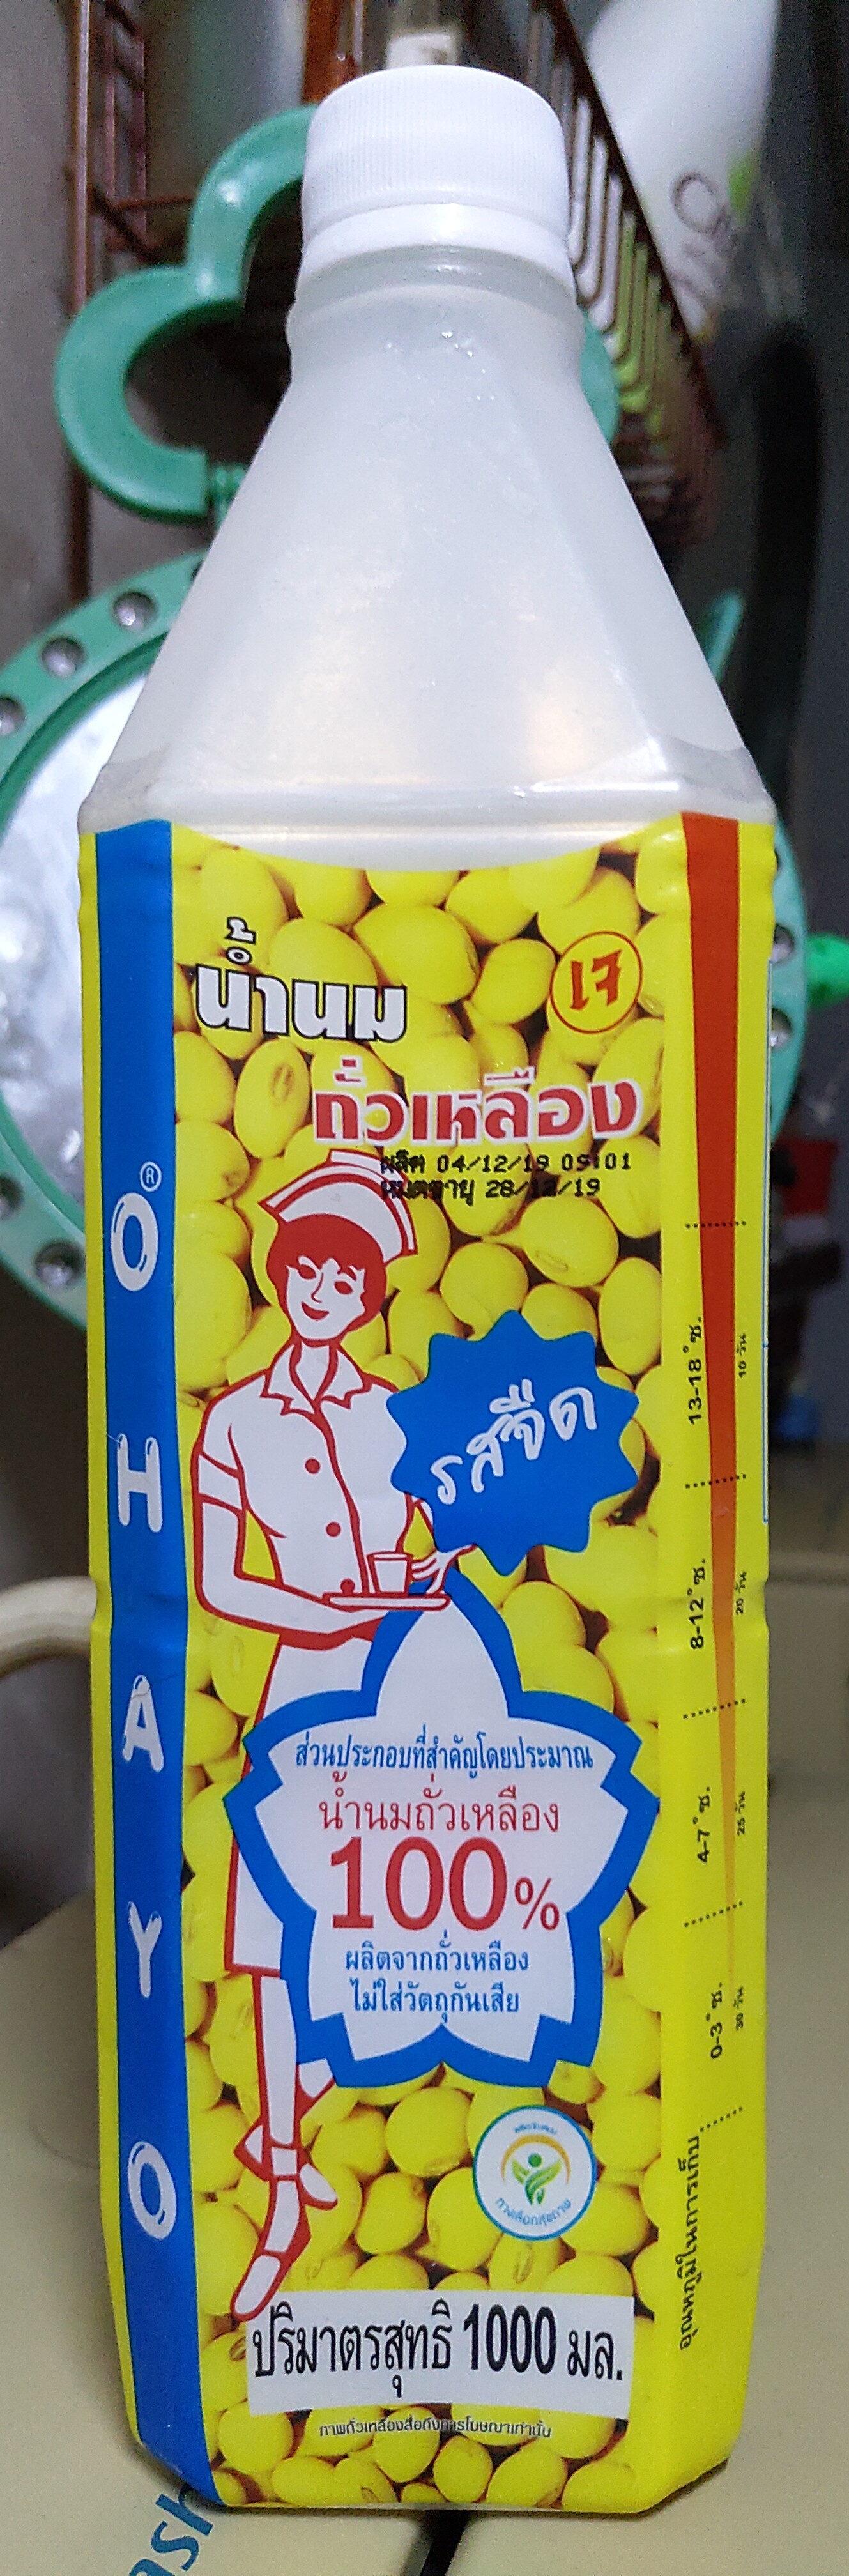 นมถั่วเหลือง รสจืด - Product - th